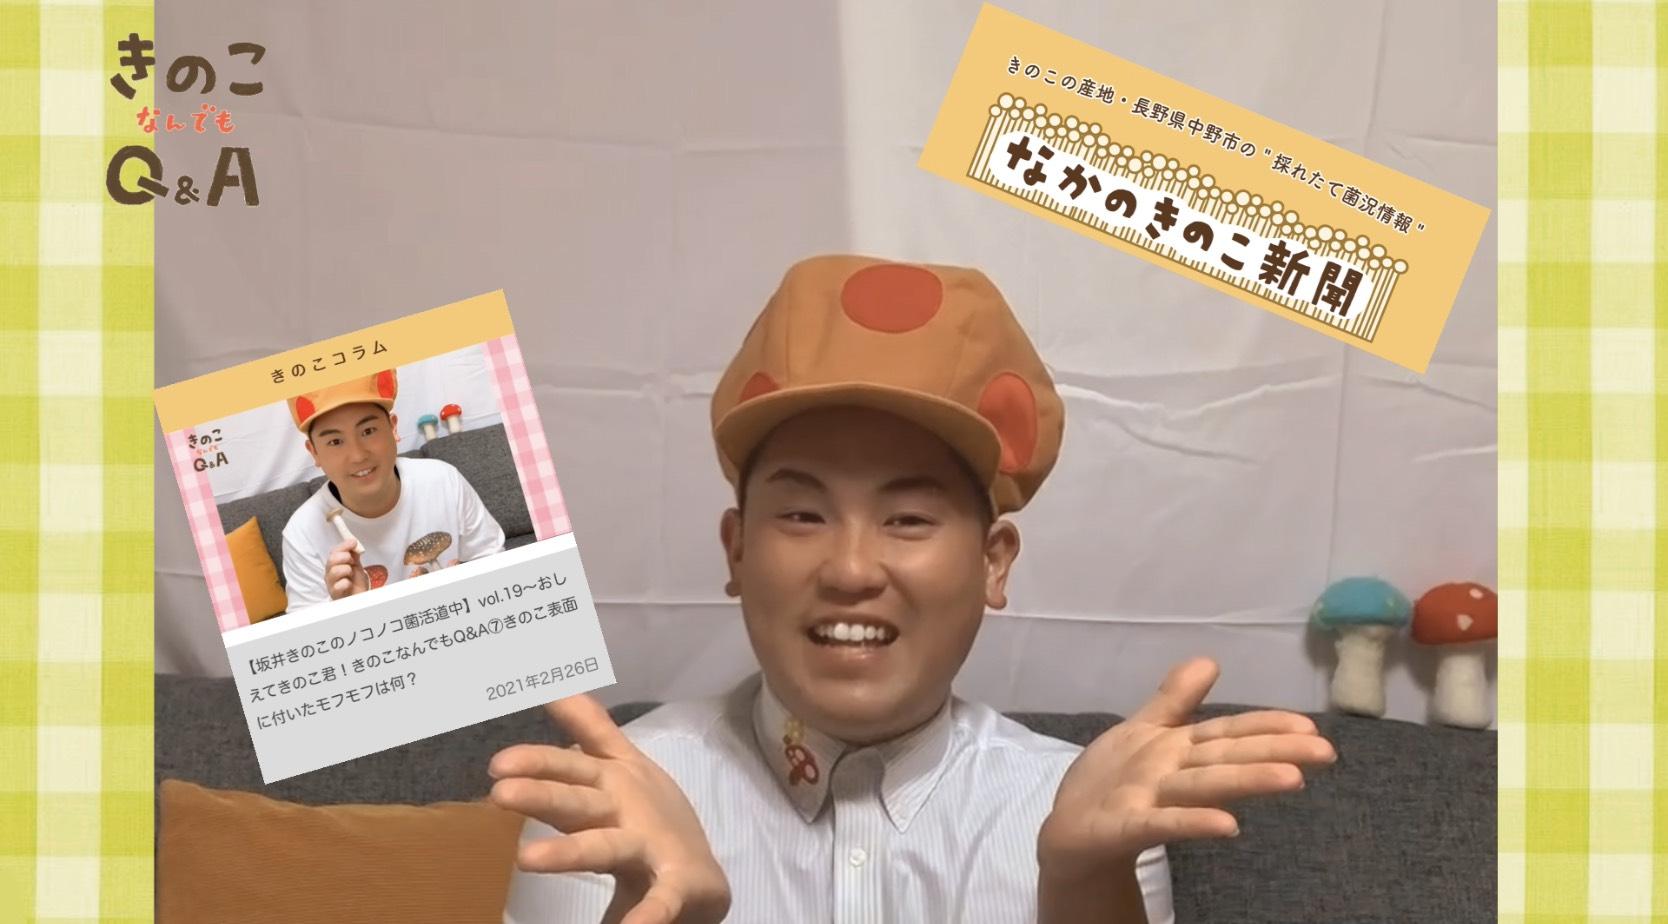 【坂井きのこのノコノコ菌活道中】vol.20~おしえてきのこ君!きのこなんでもQ&A⑧きのこはどこまで食べられる?